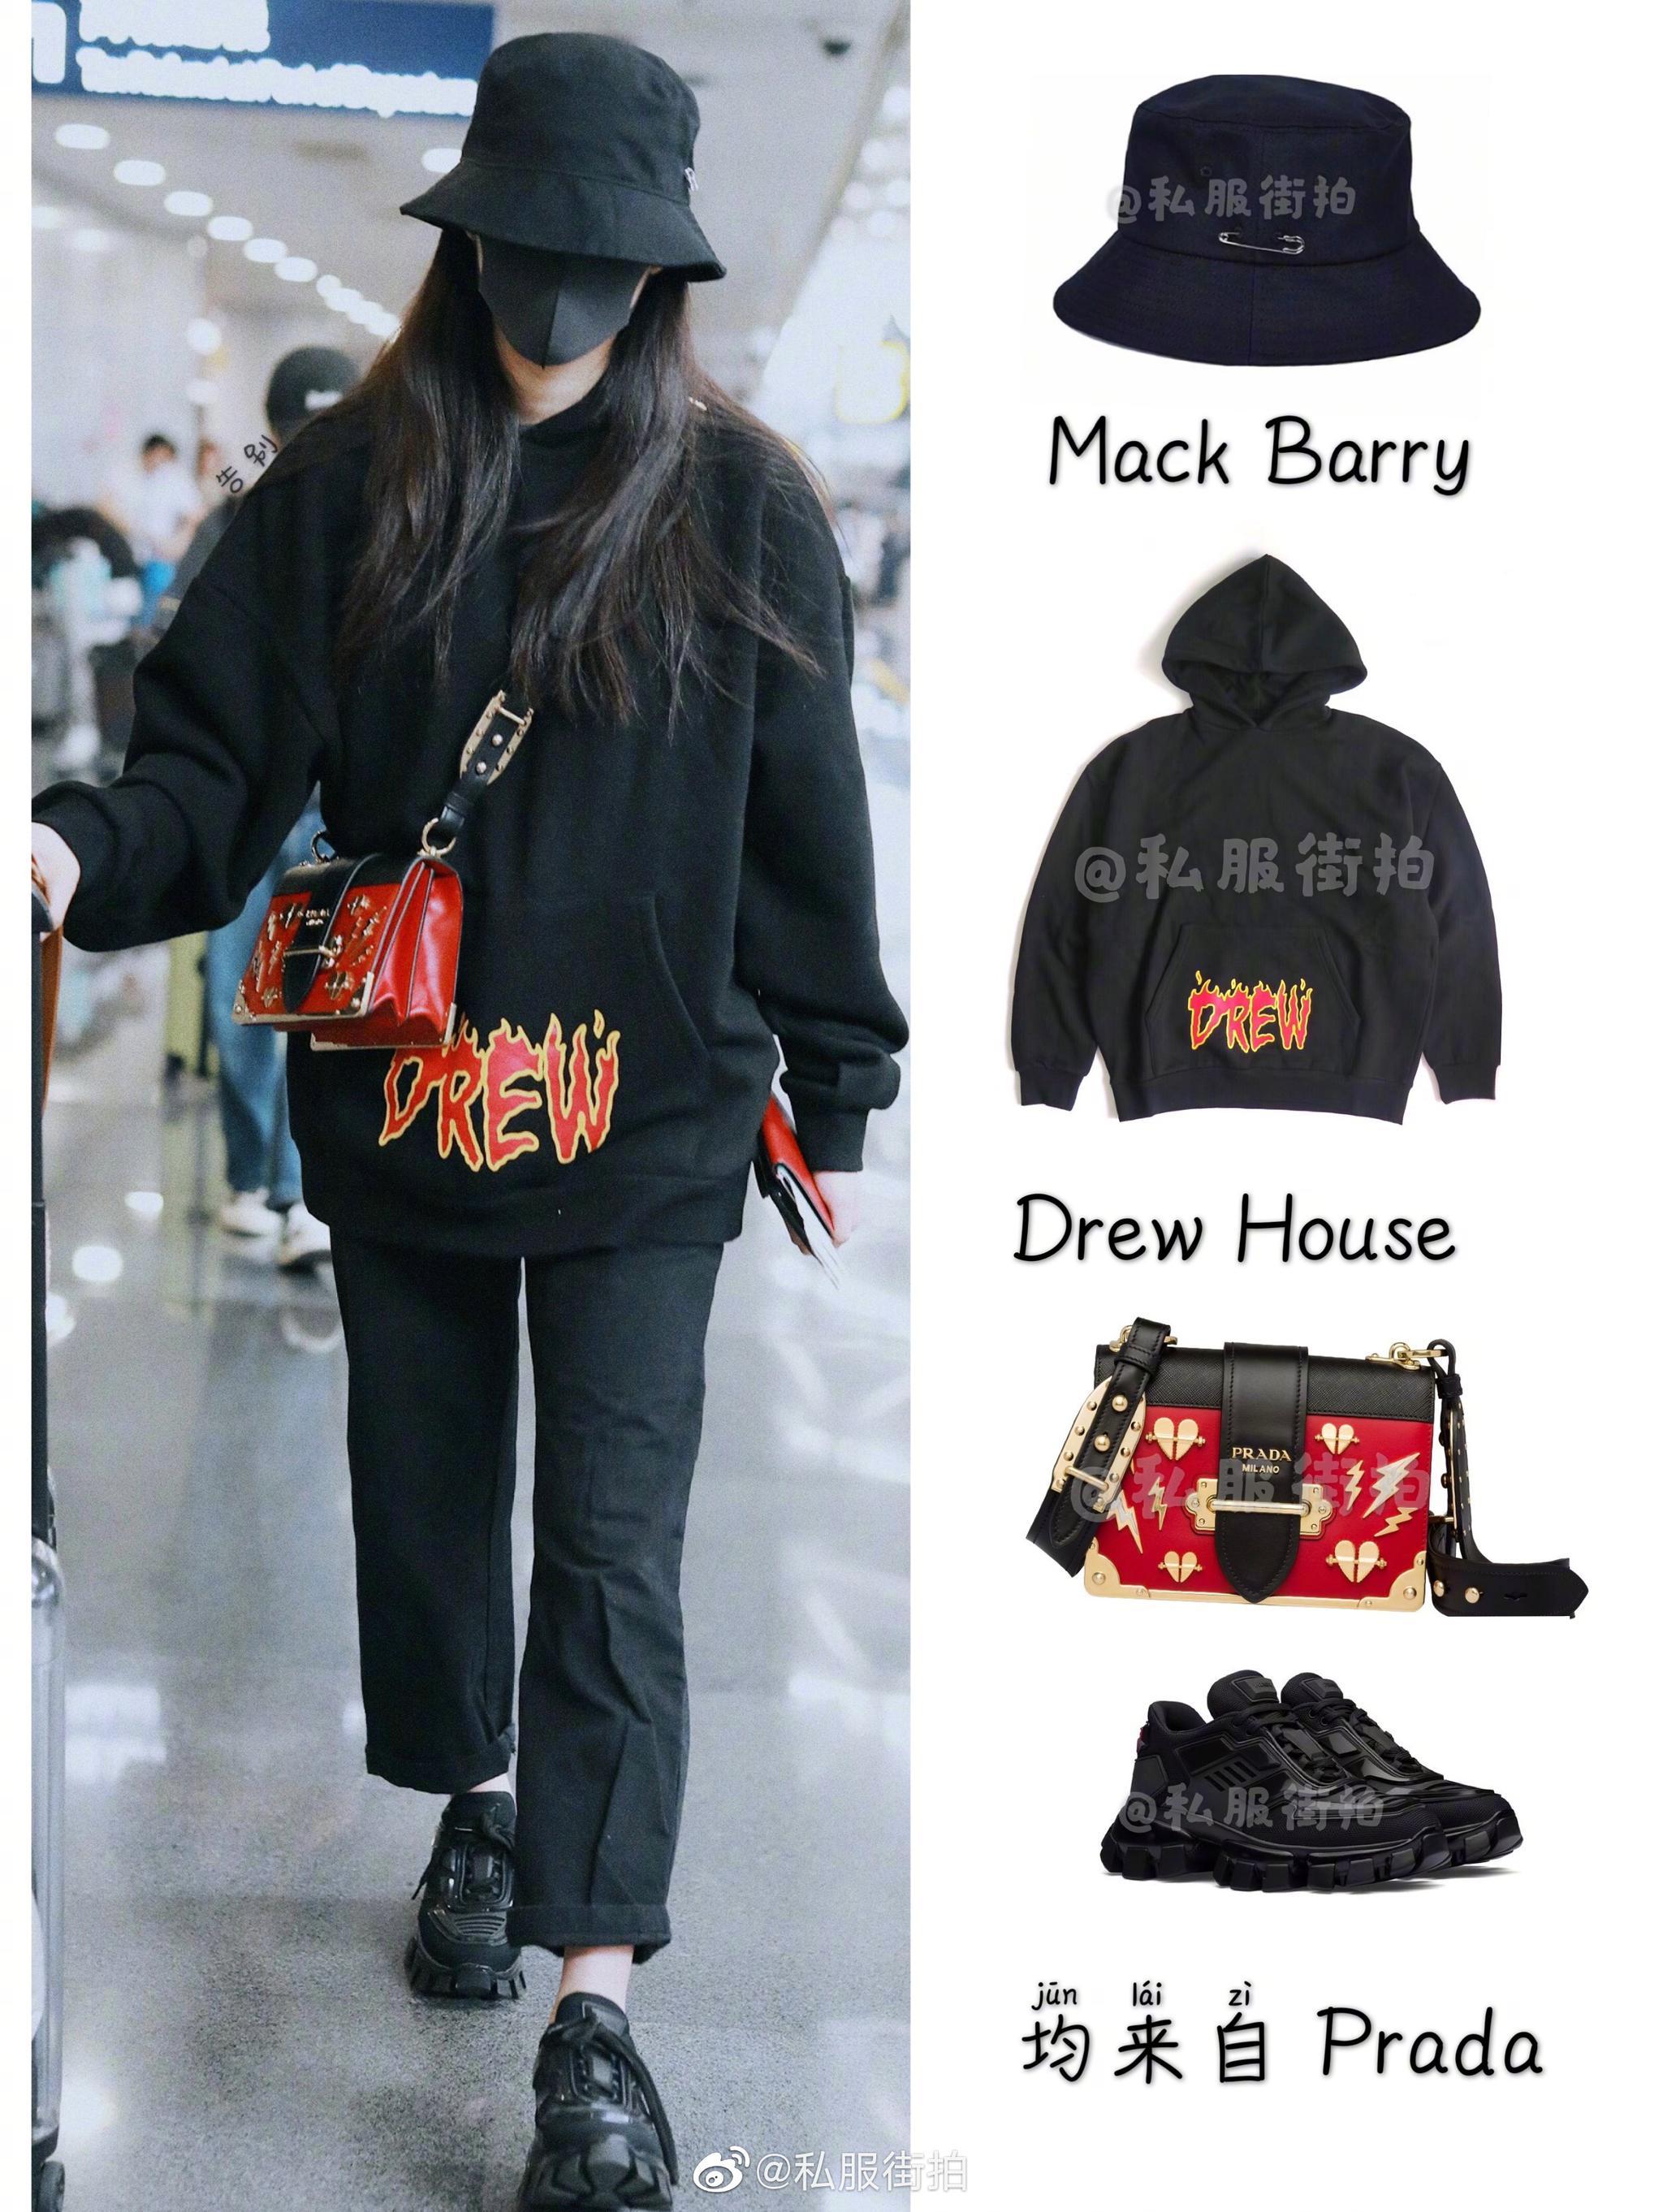 黑色火焰卫衣现身北京机场波士顿,宝藏女孩开学了!